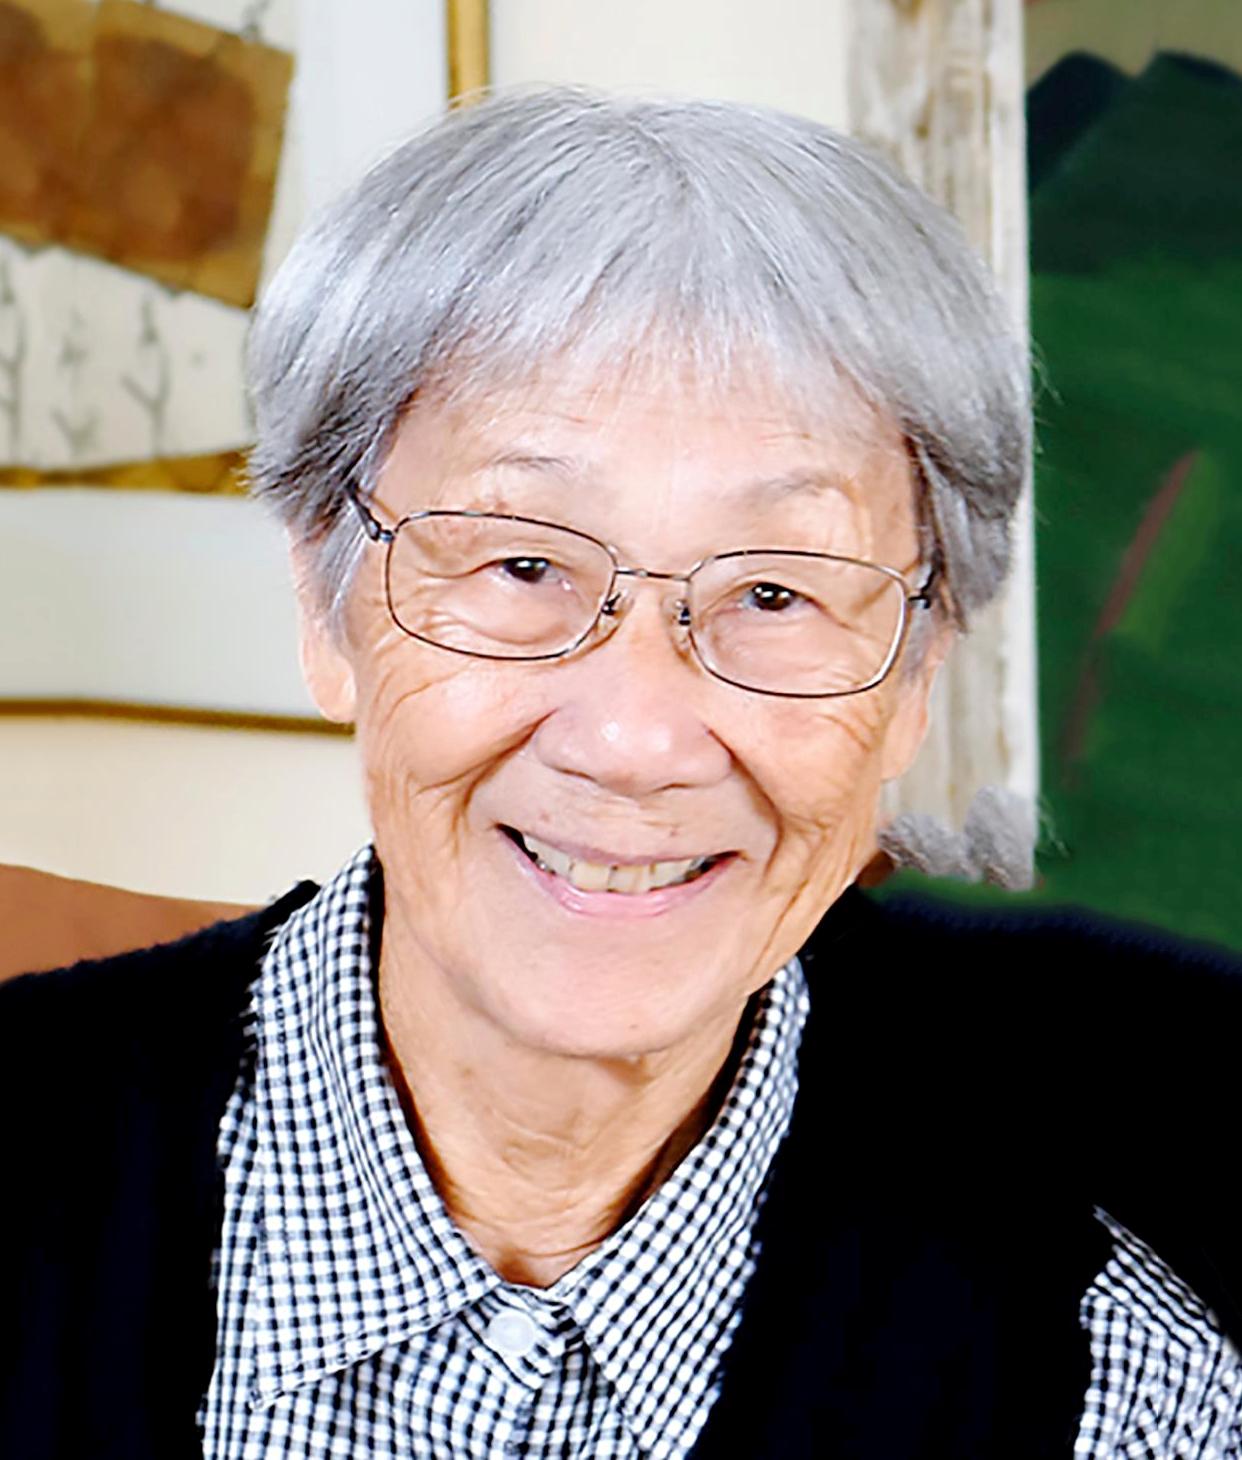 Sachiko Oyama Takeuchi